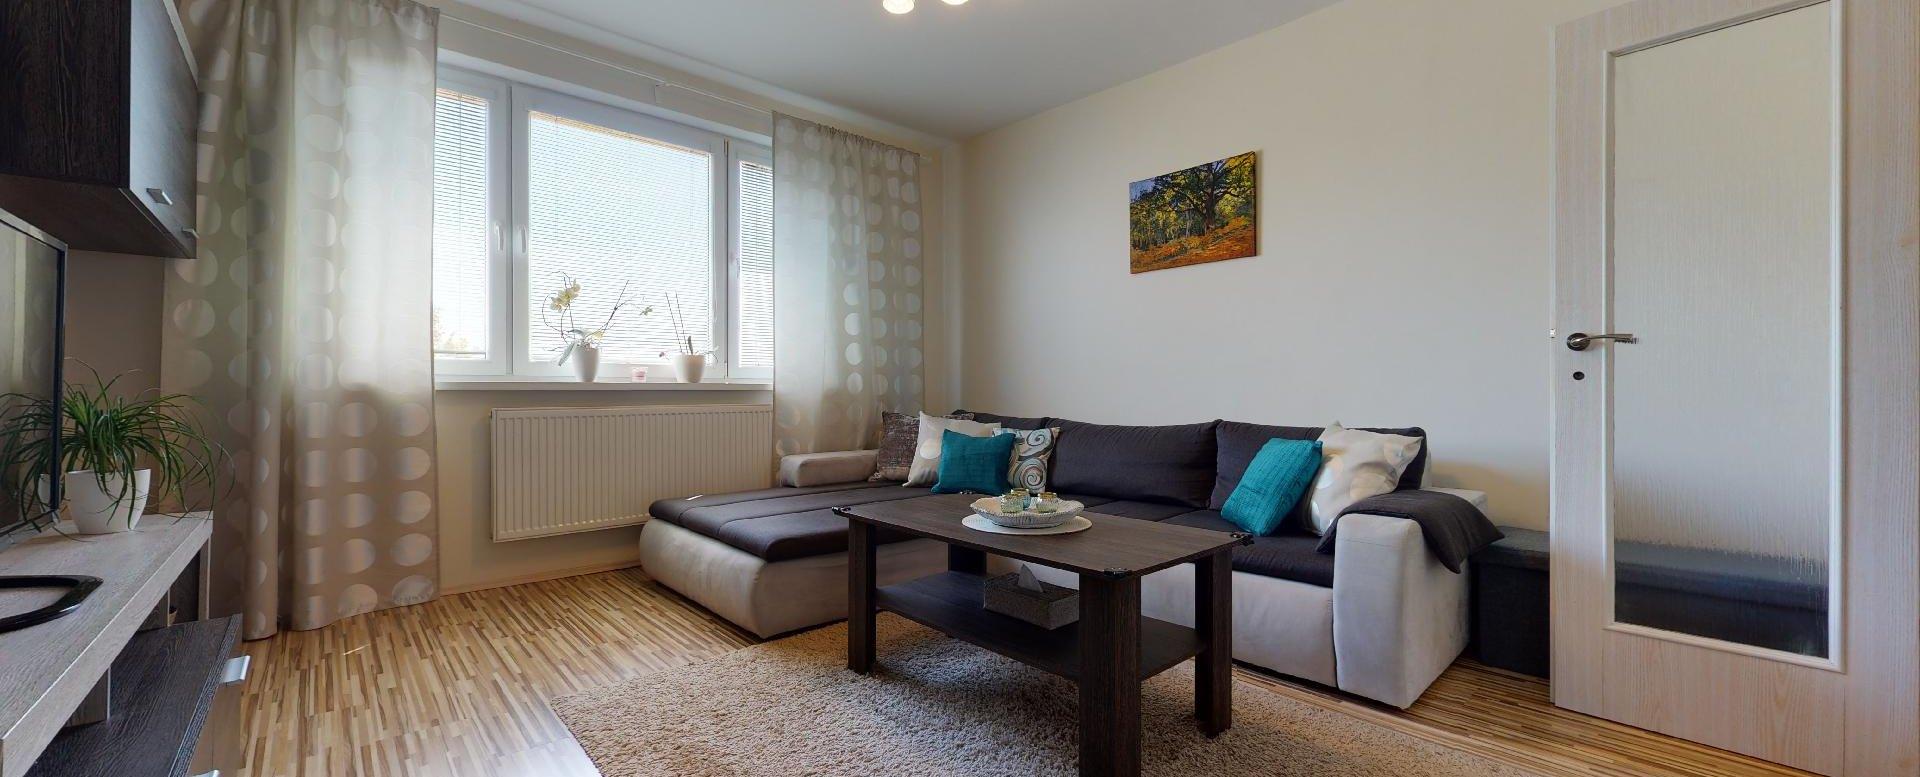 Obývačka s rohovou sedacou súpravou